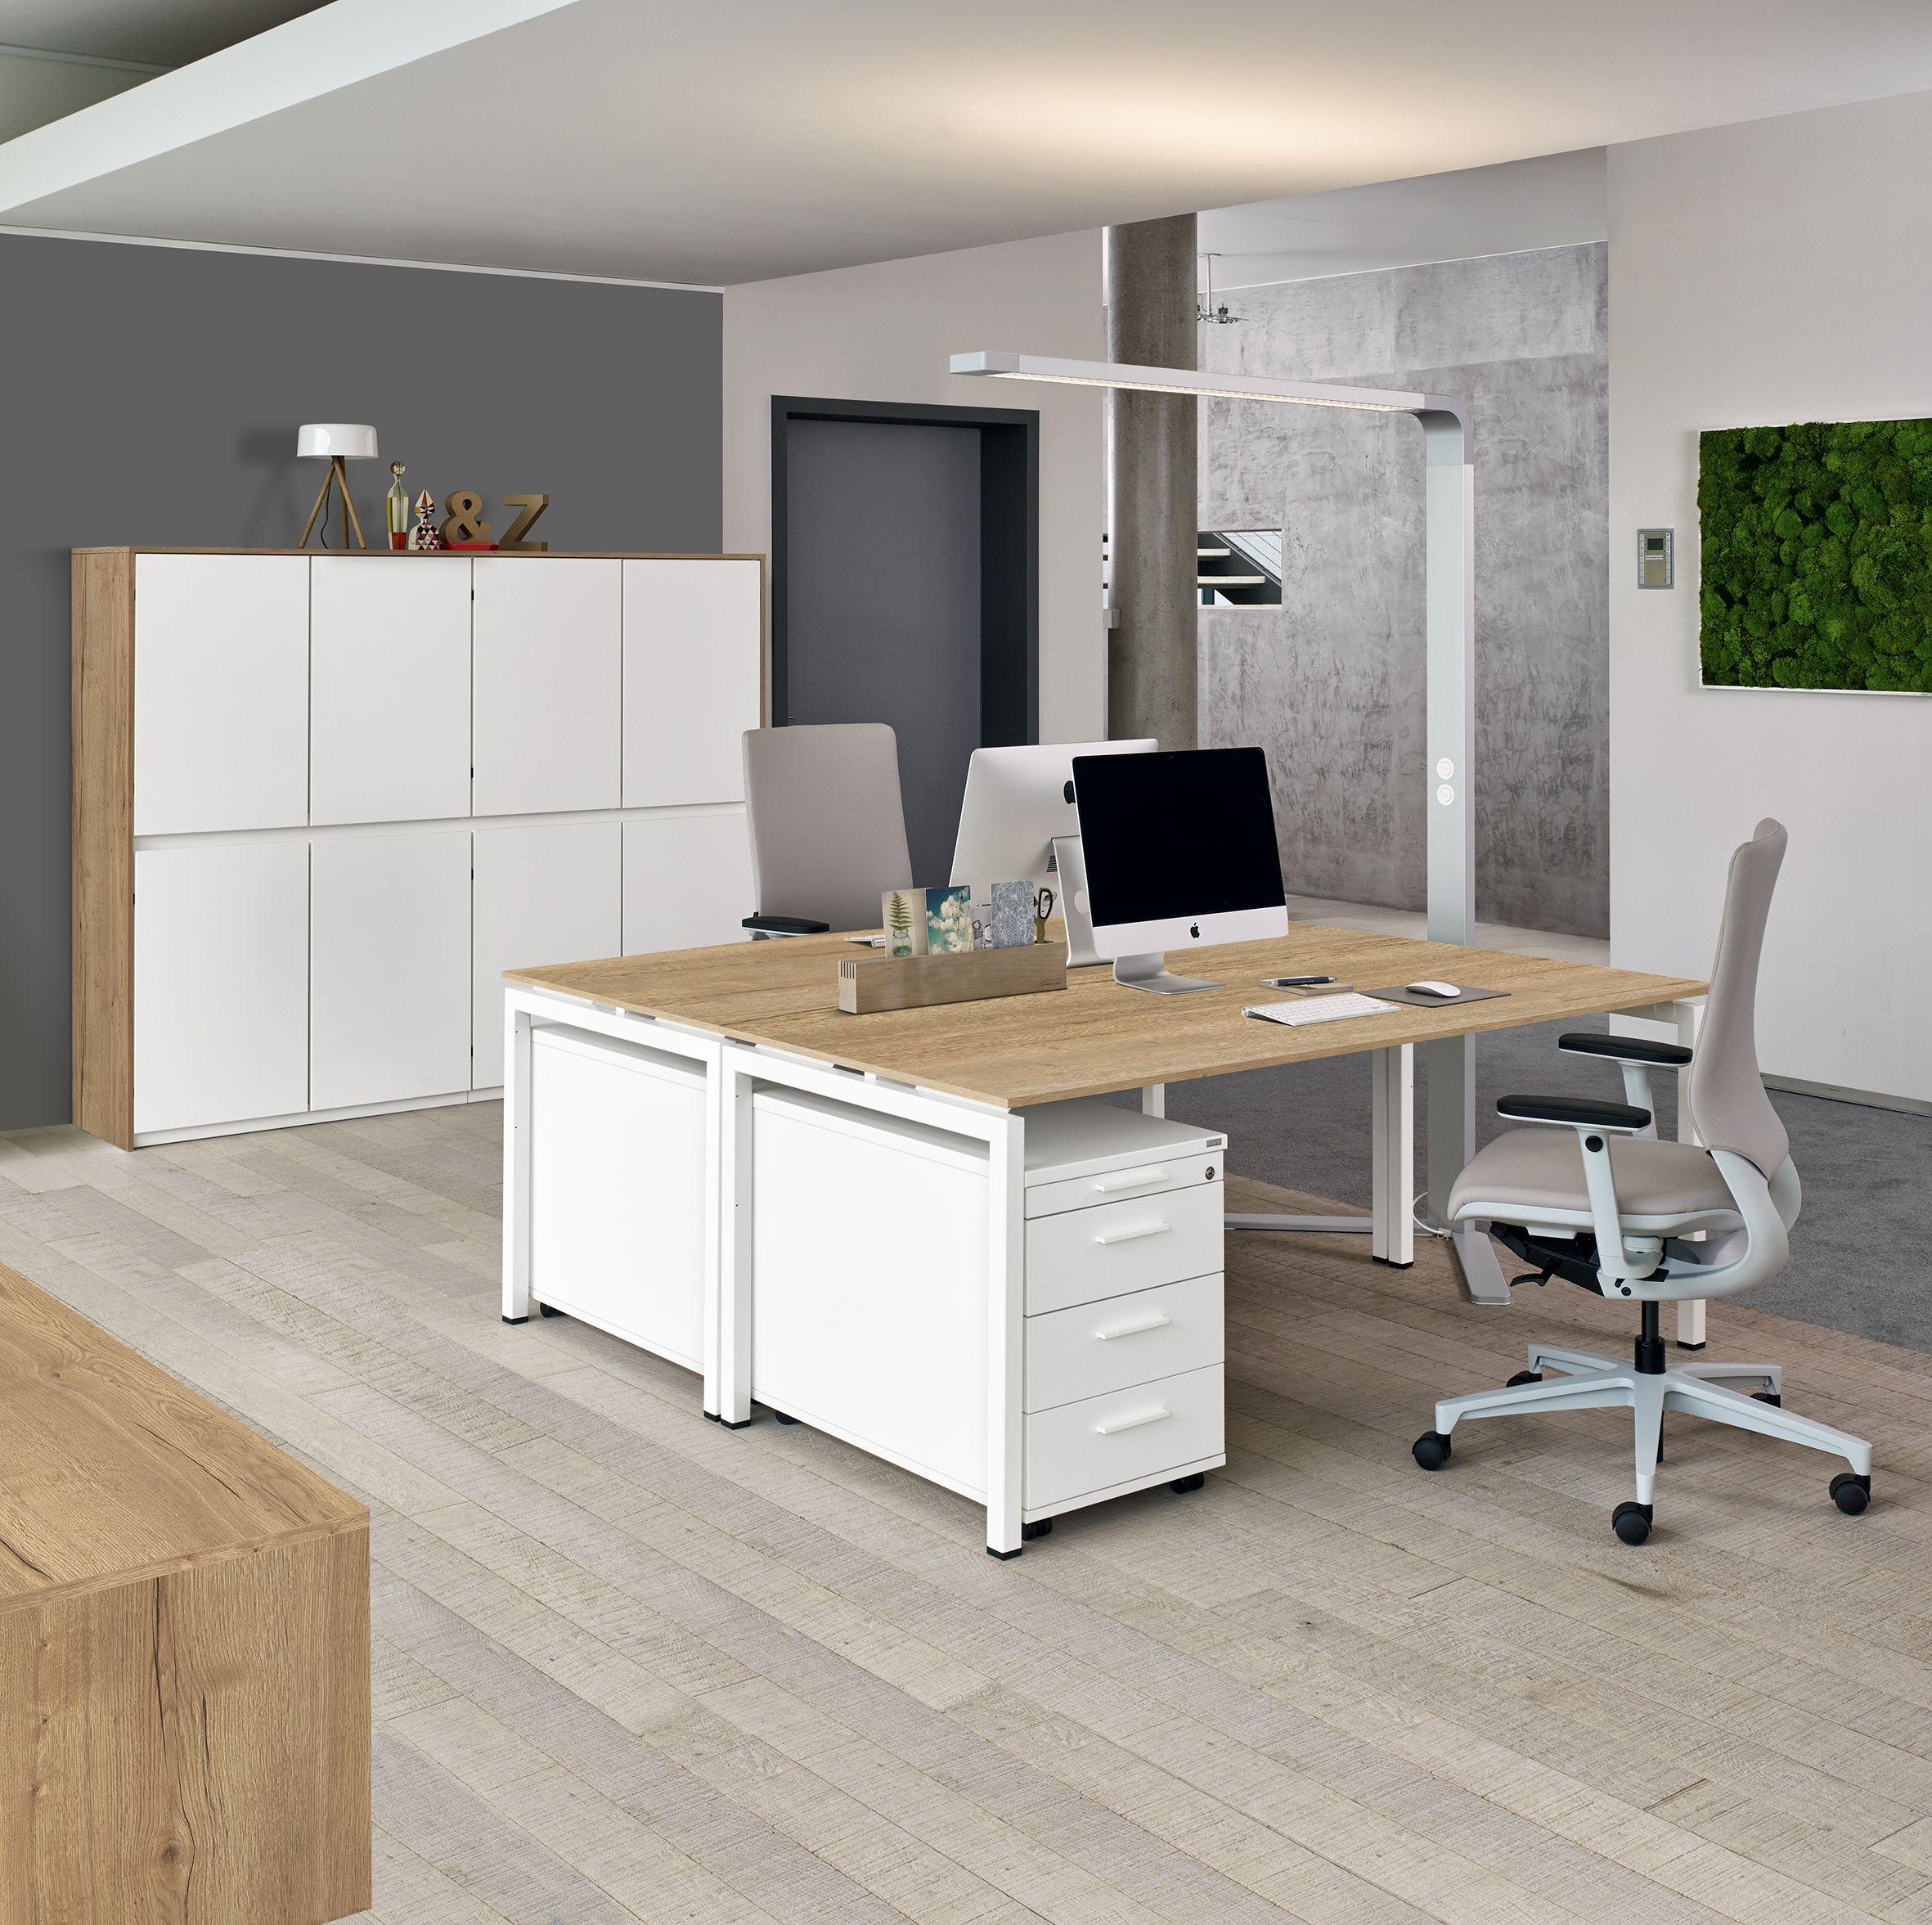 schreibtisch trento moderner schreibtisch trento von. Black Bedroom Furniture Sets. Home Design Ideas